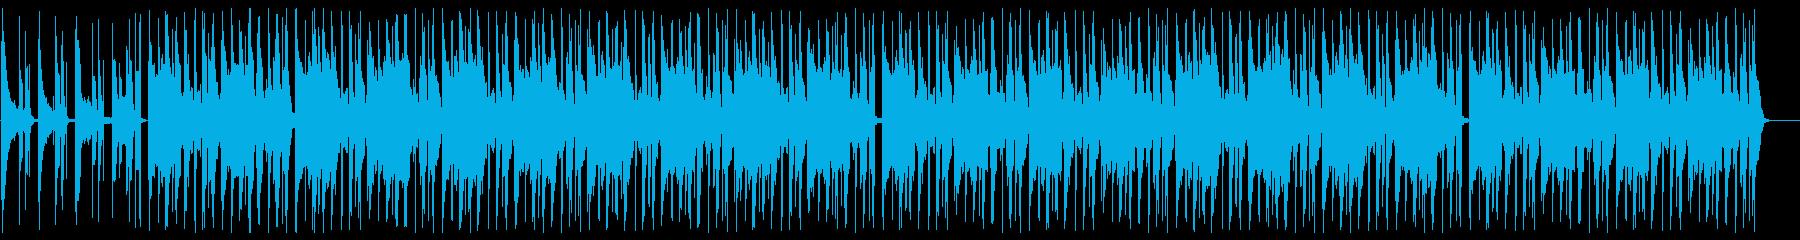 明るい雰囲気のLoFi Hip Hopの再生済みの波形